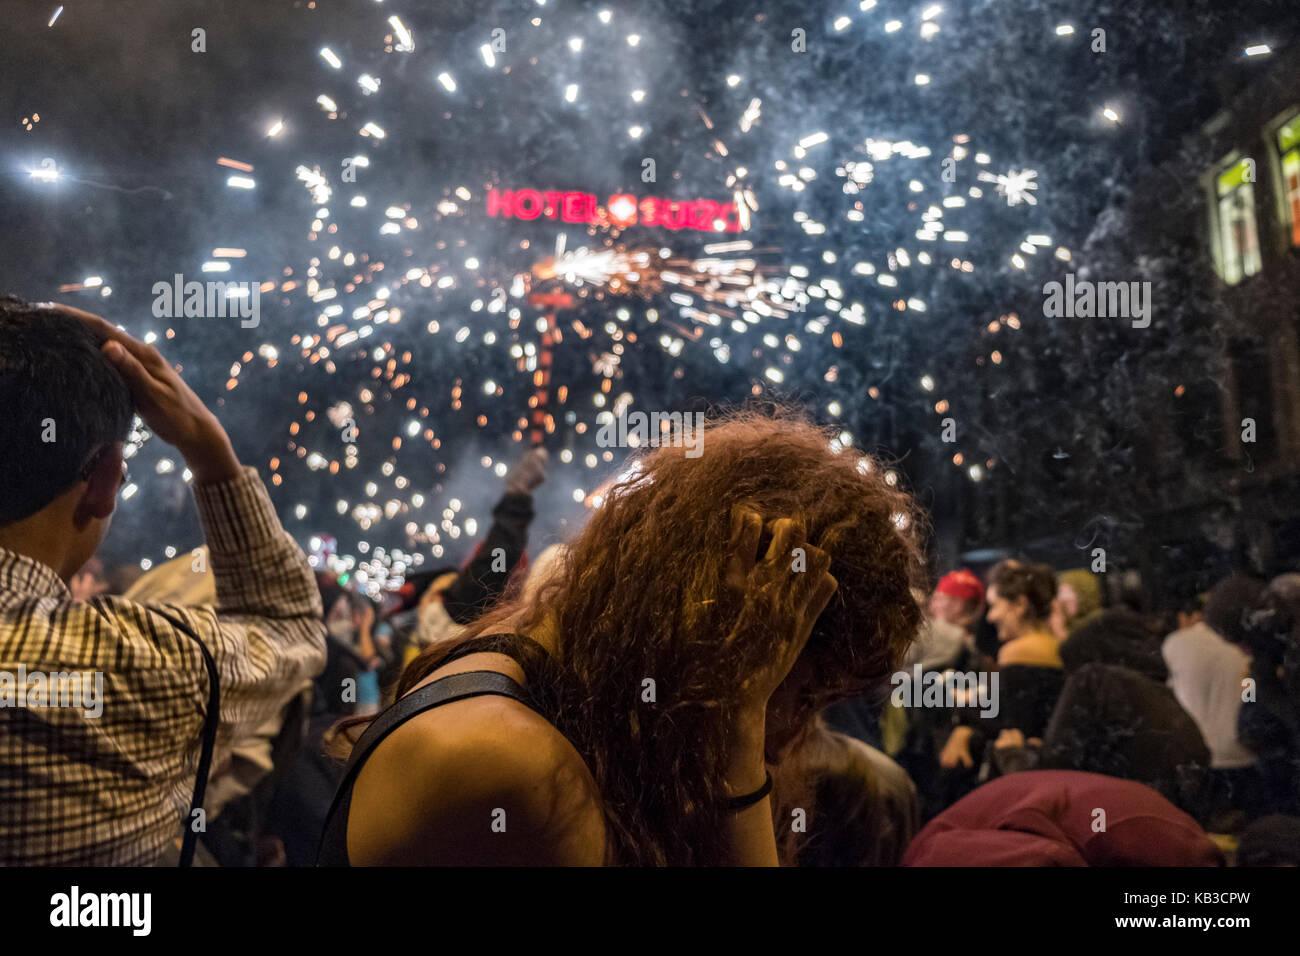 Correfocs gehören zu den auffälligsten Merkmale in der katalanischen Festivals präsentieren. in der Stockbild